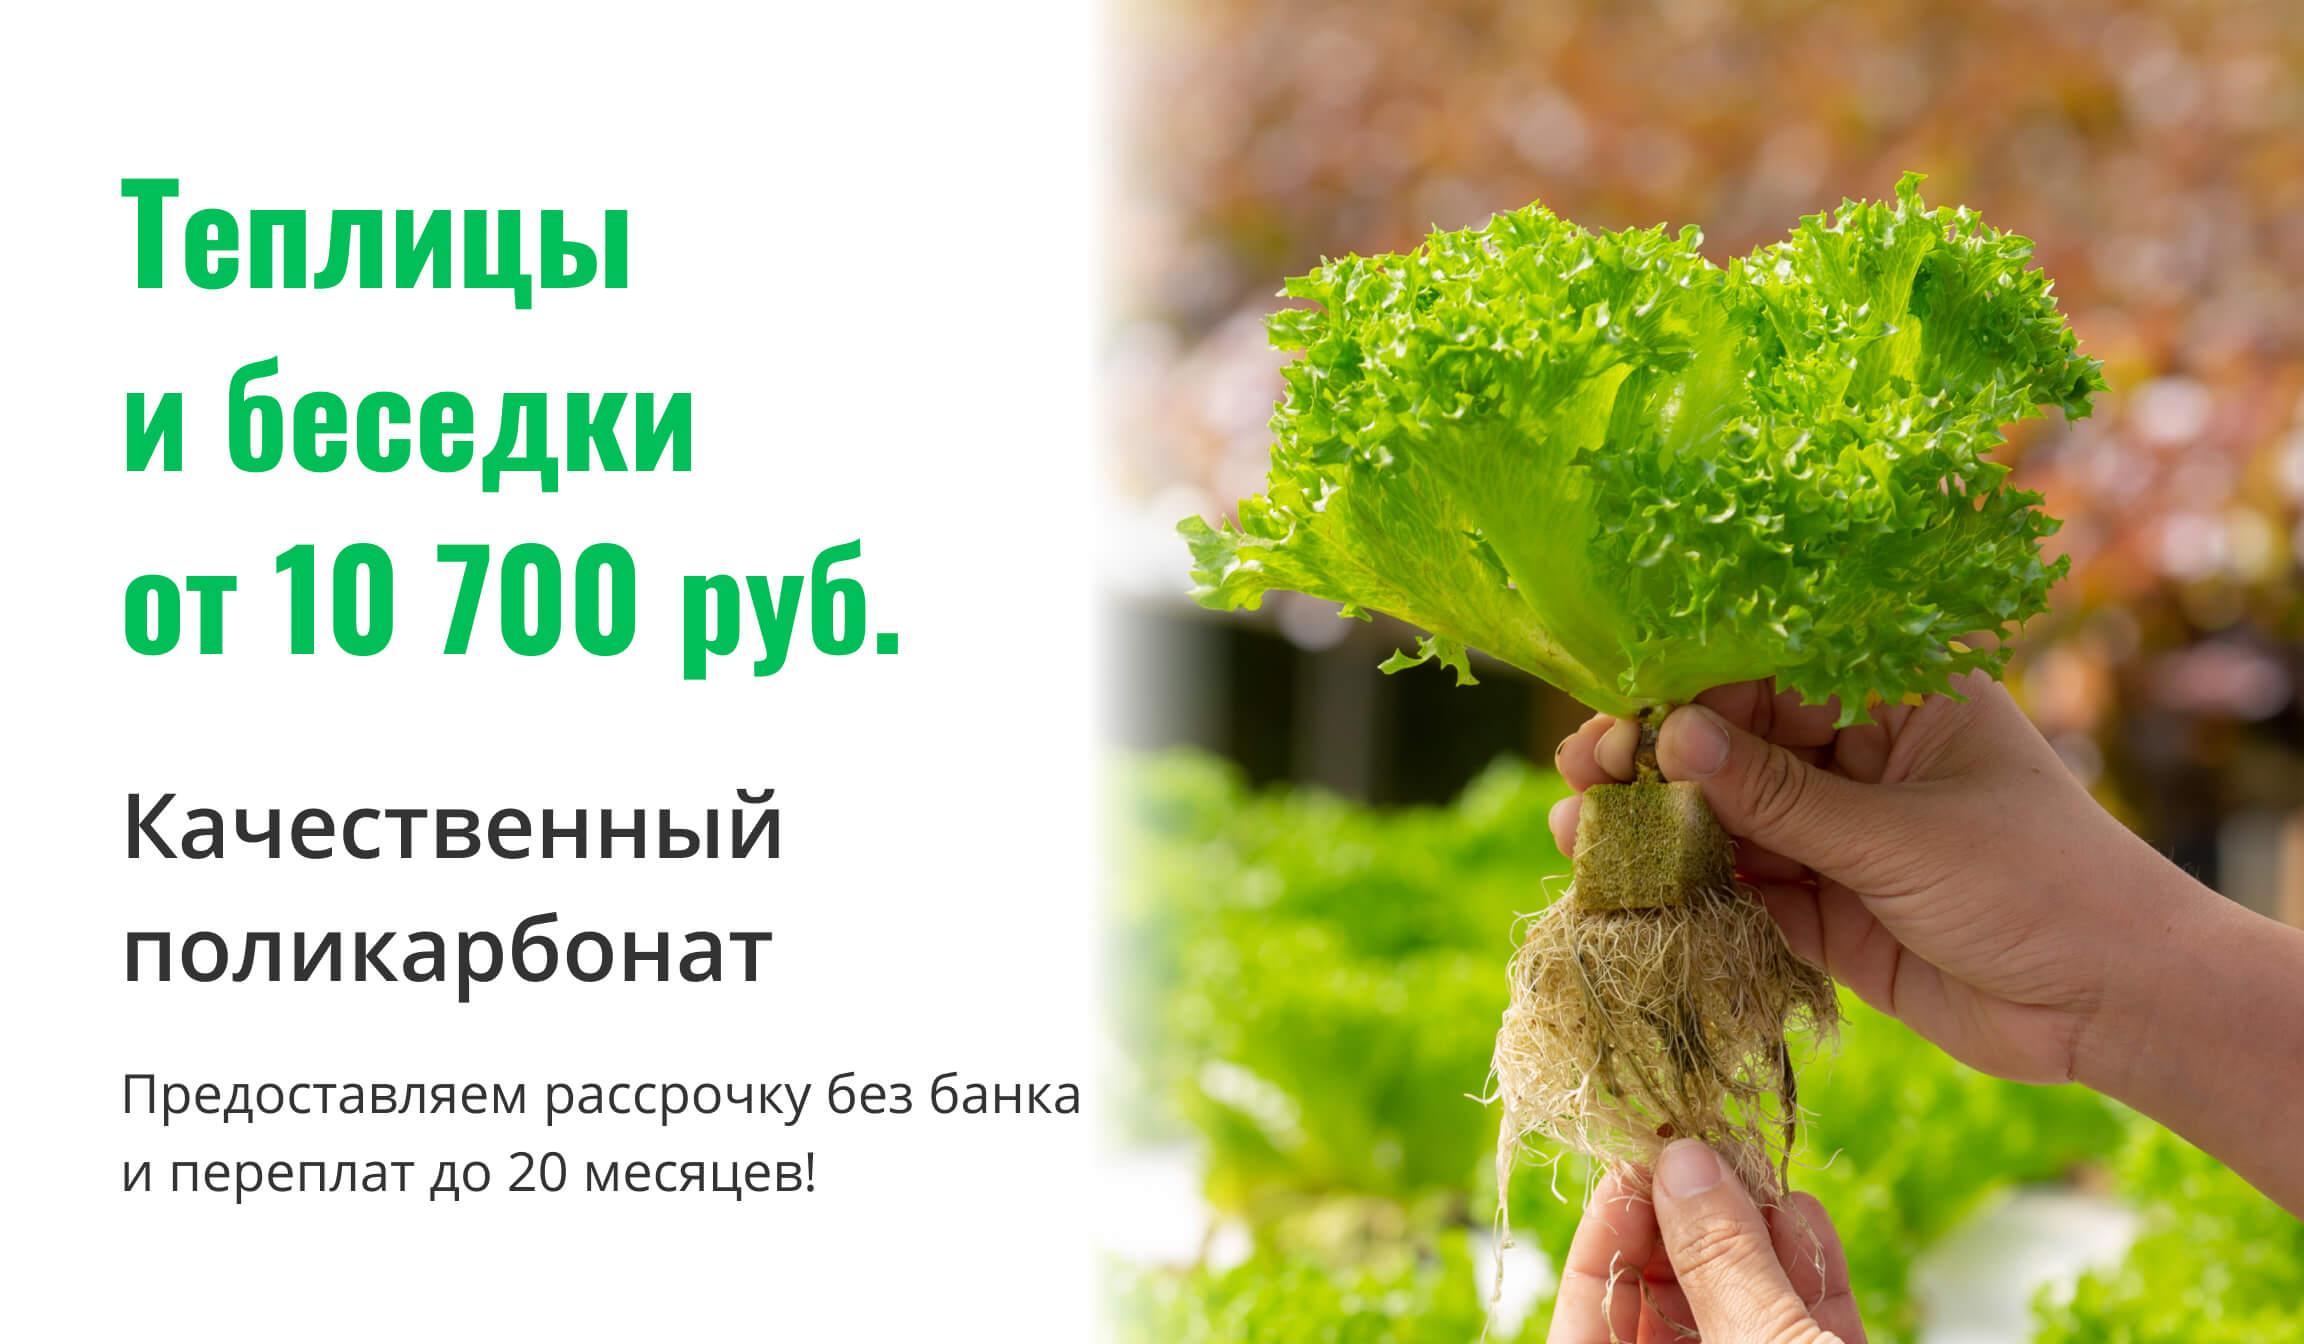 теплицы и беседки от 10 700 рублей